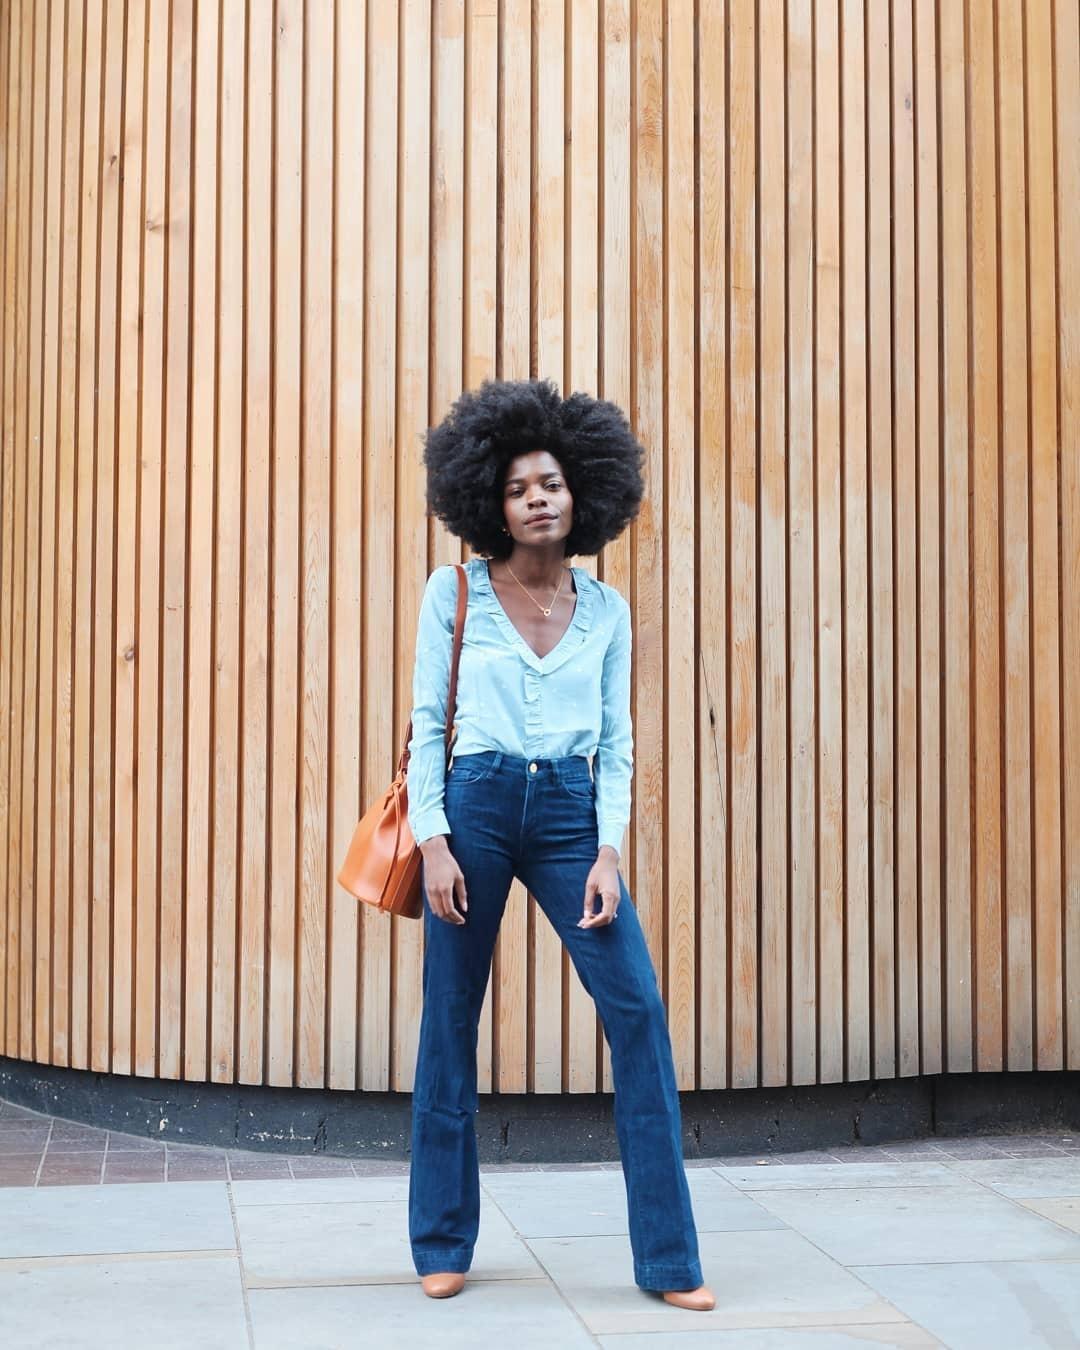 26ad94091 Calça jeans no trabalho: como levar a peça para o look do escritório -  31/05/2019 - UOL Universa